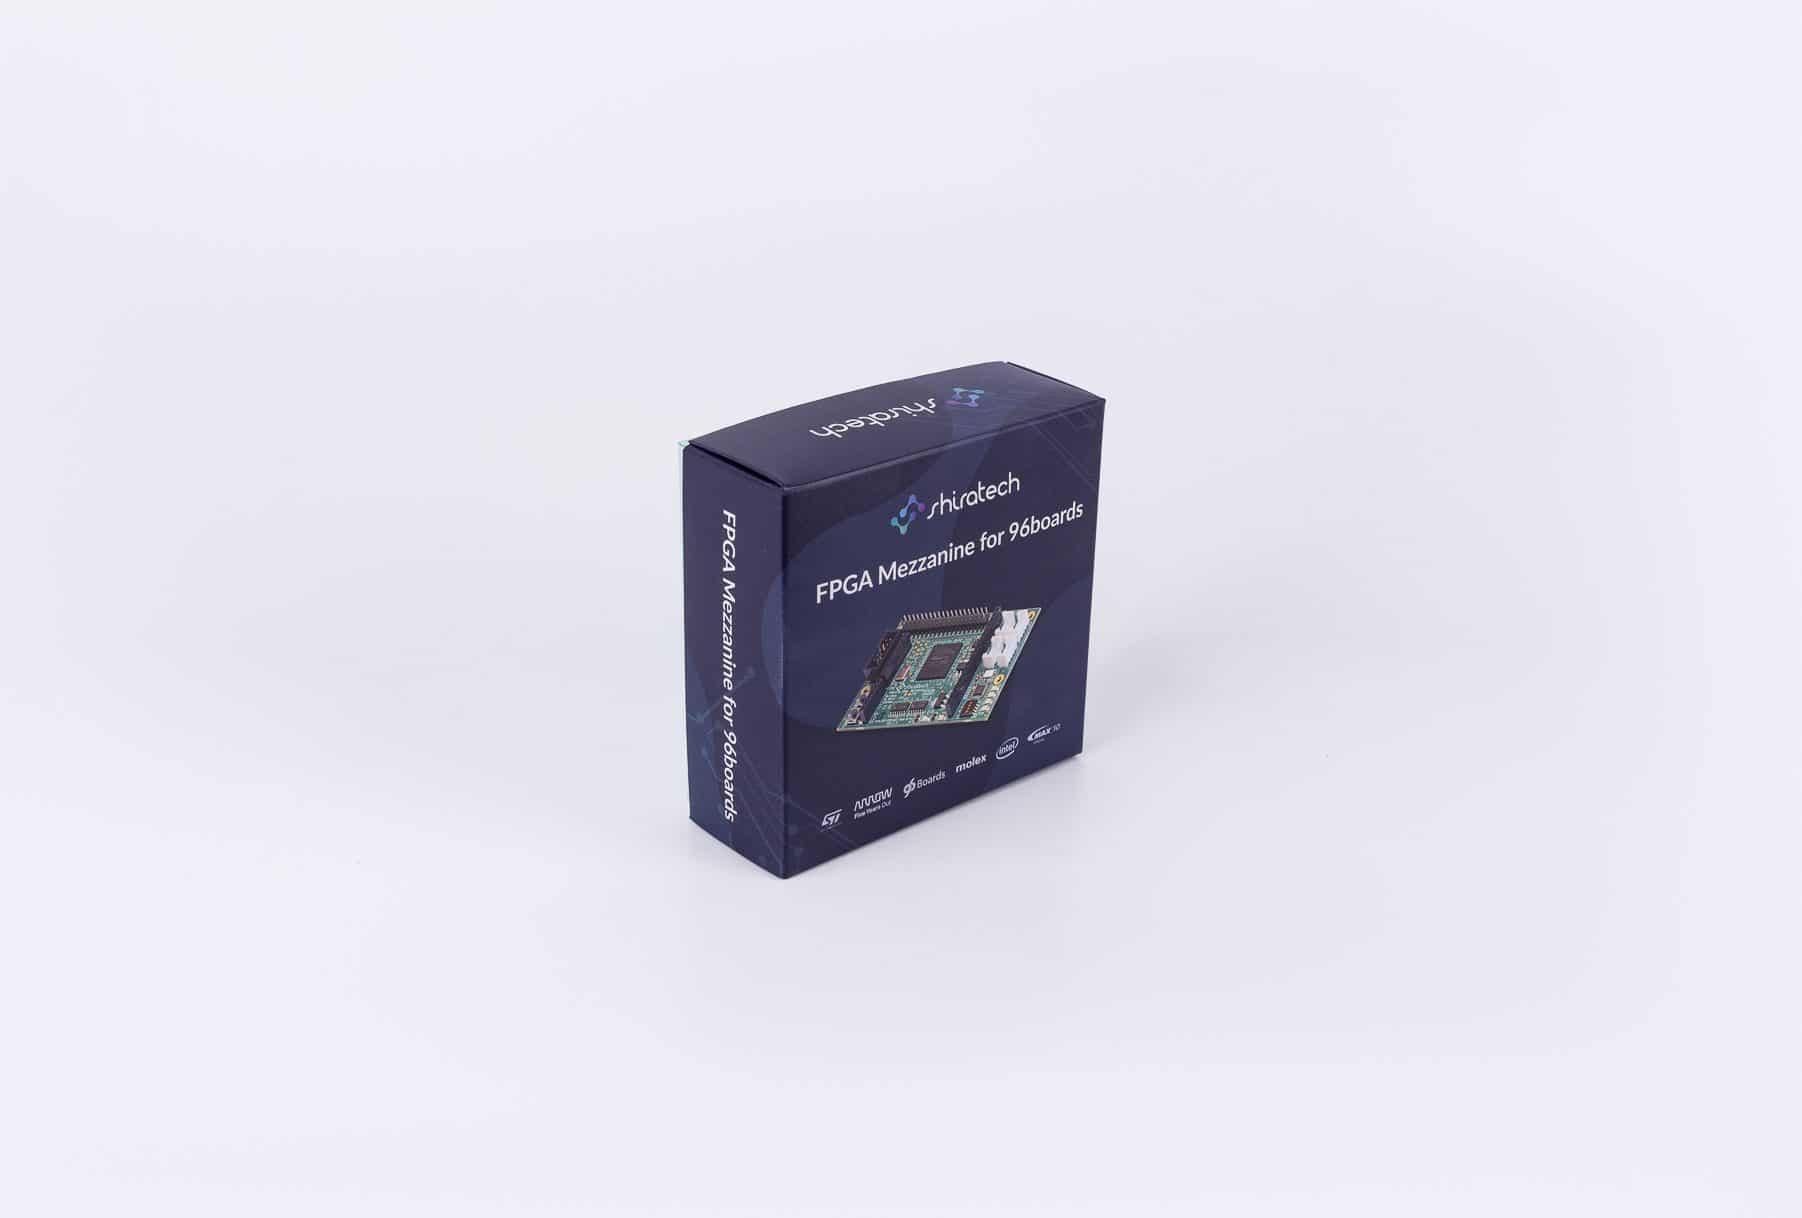 """אריזה ל- FPGA Board מנייר קרוטון - עיצוב ע""""י פאר פרינט"""